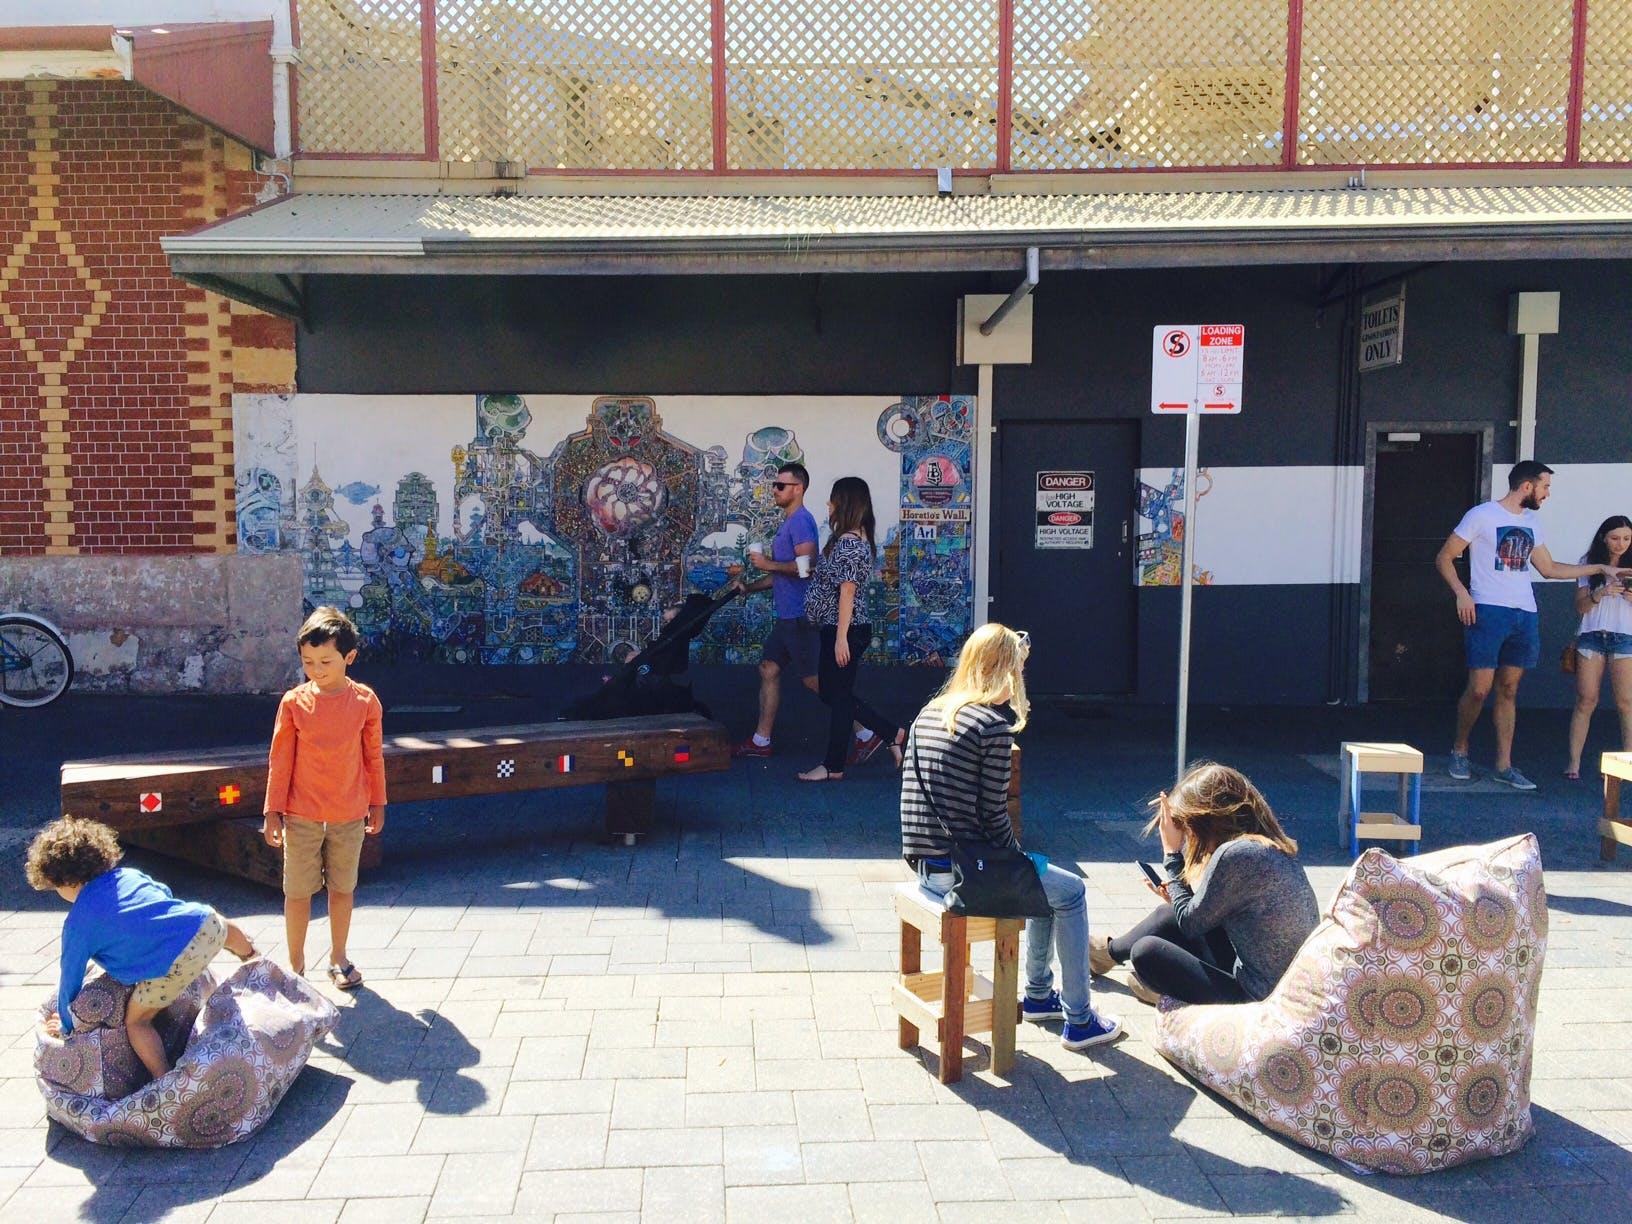 Market Street Piazza daytime 3